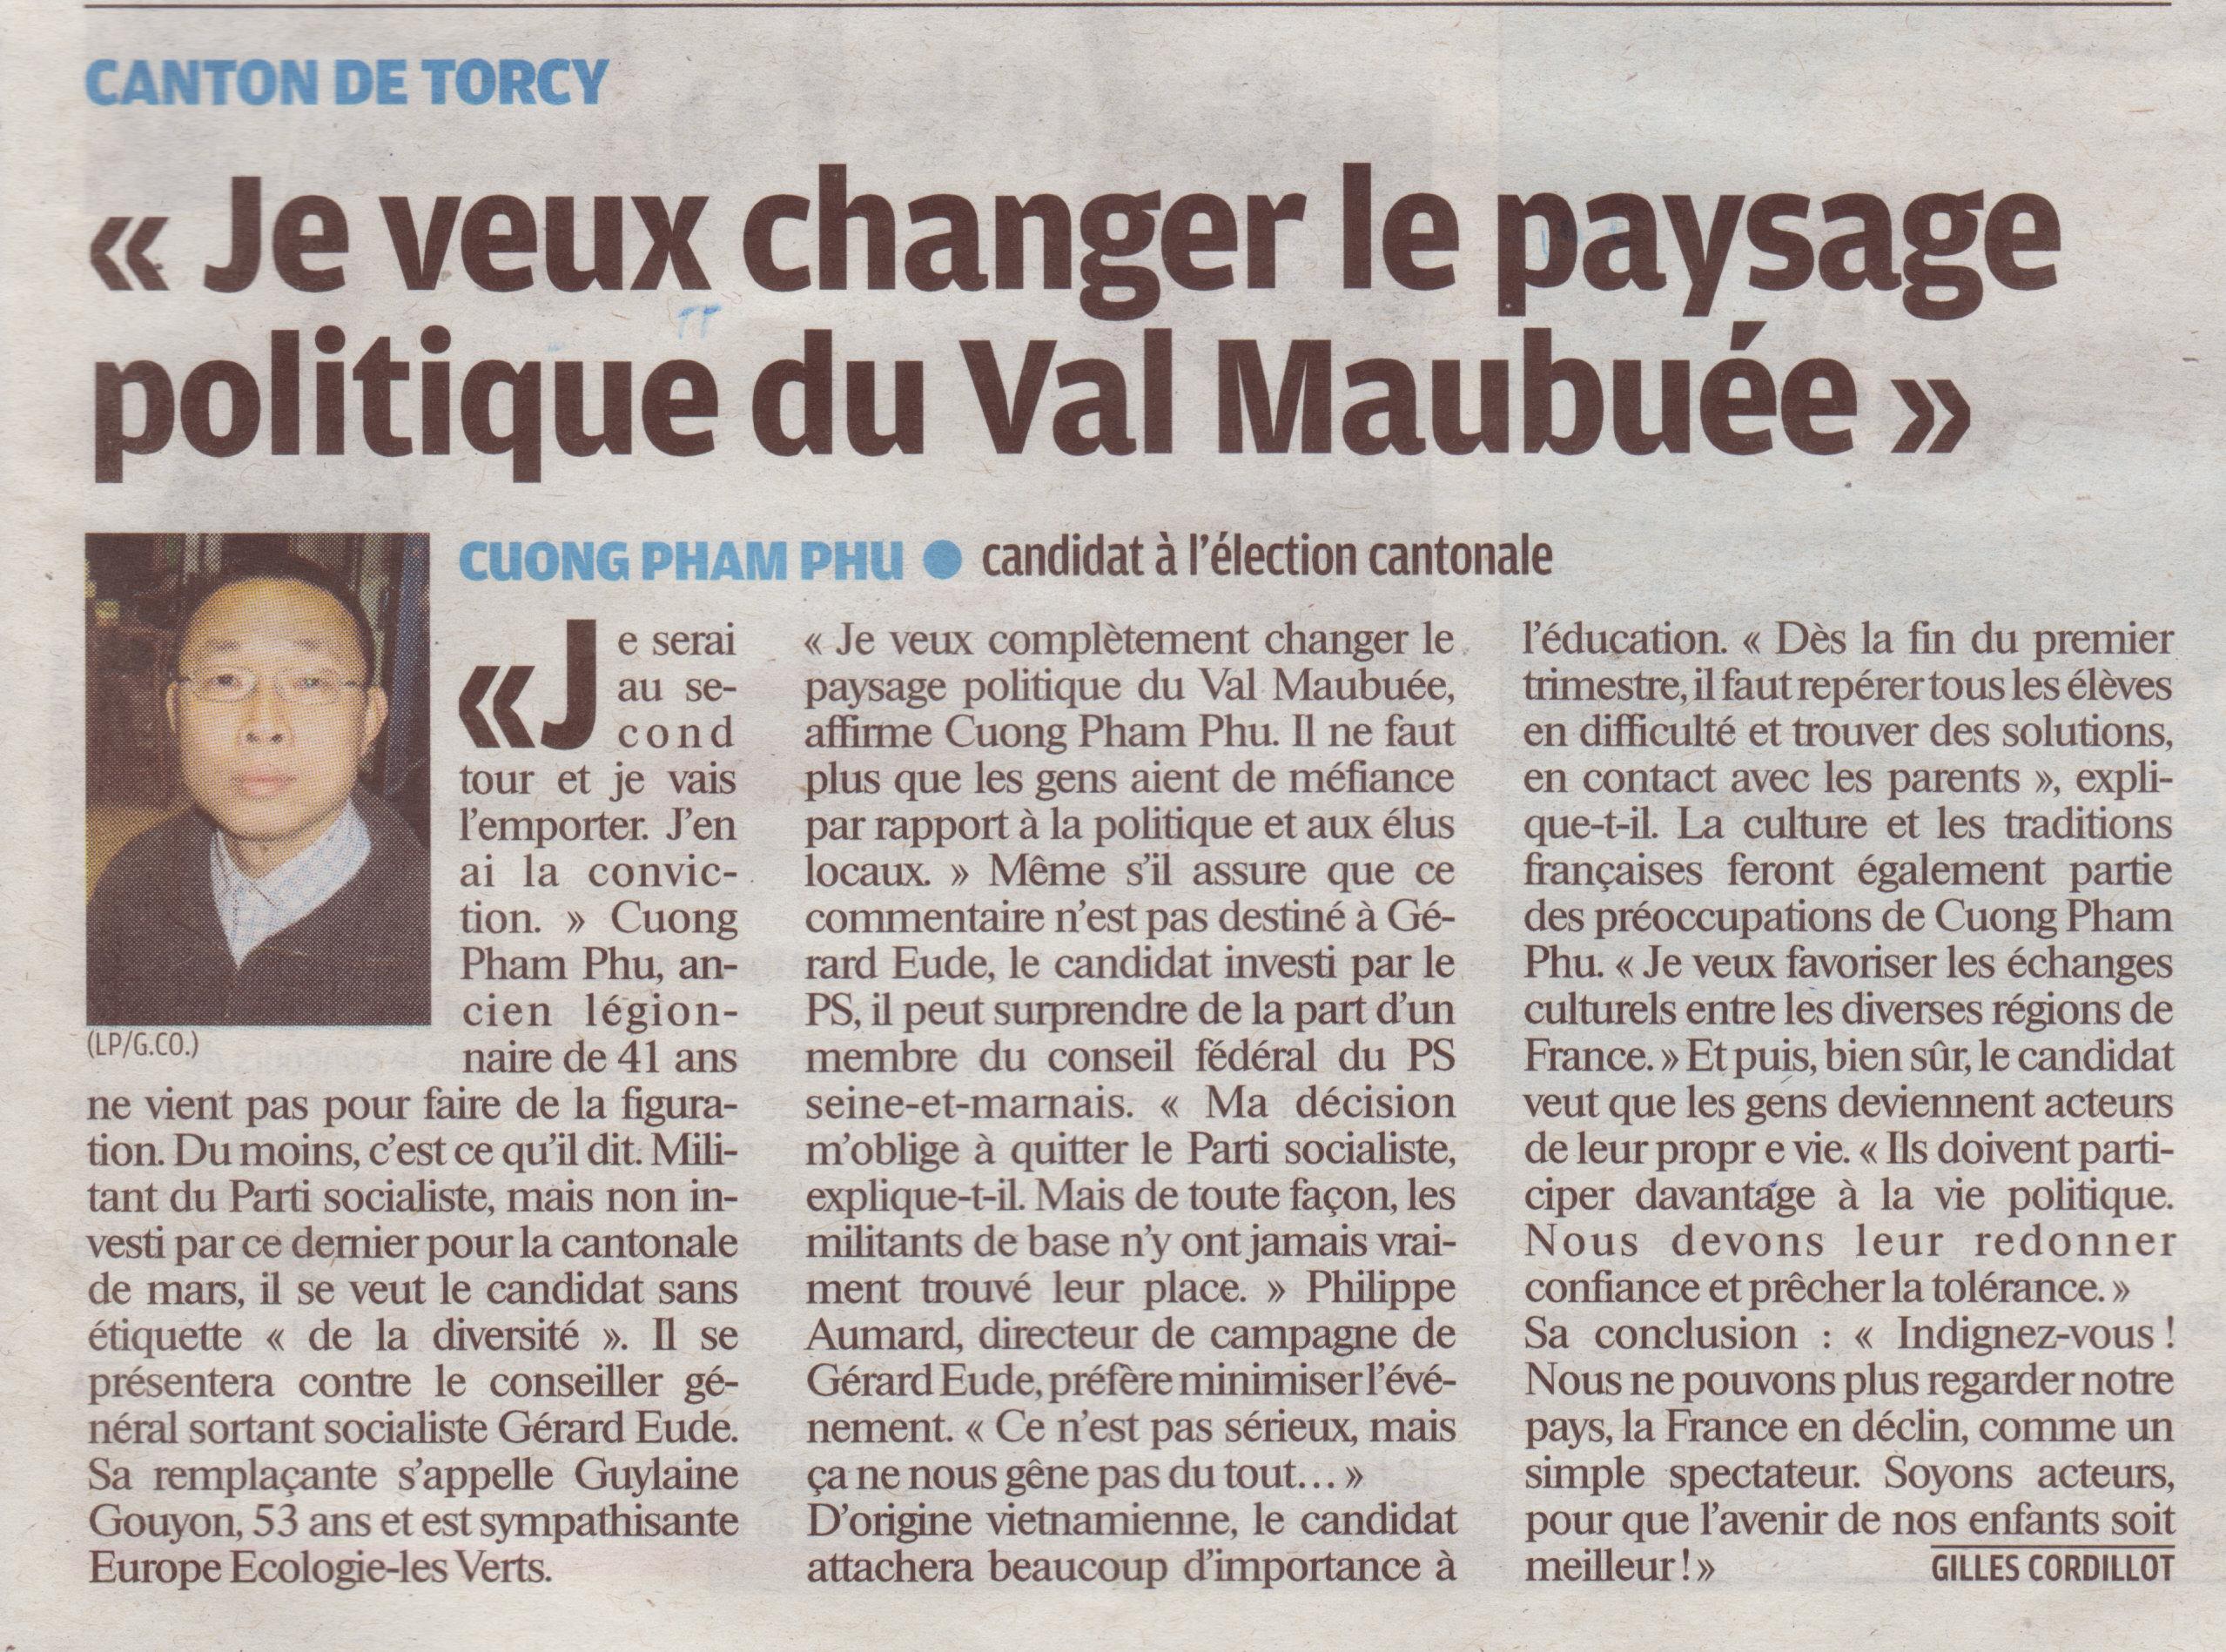 Cantonales_-_Le_Parisien_Cuong Pham Phu